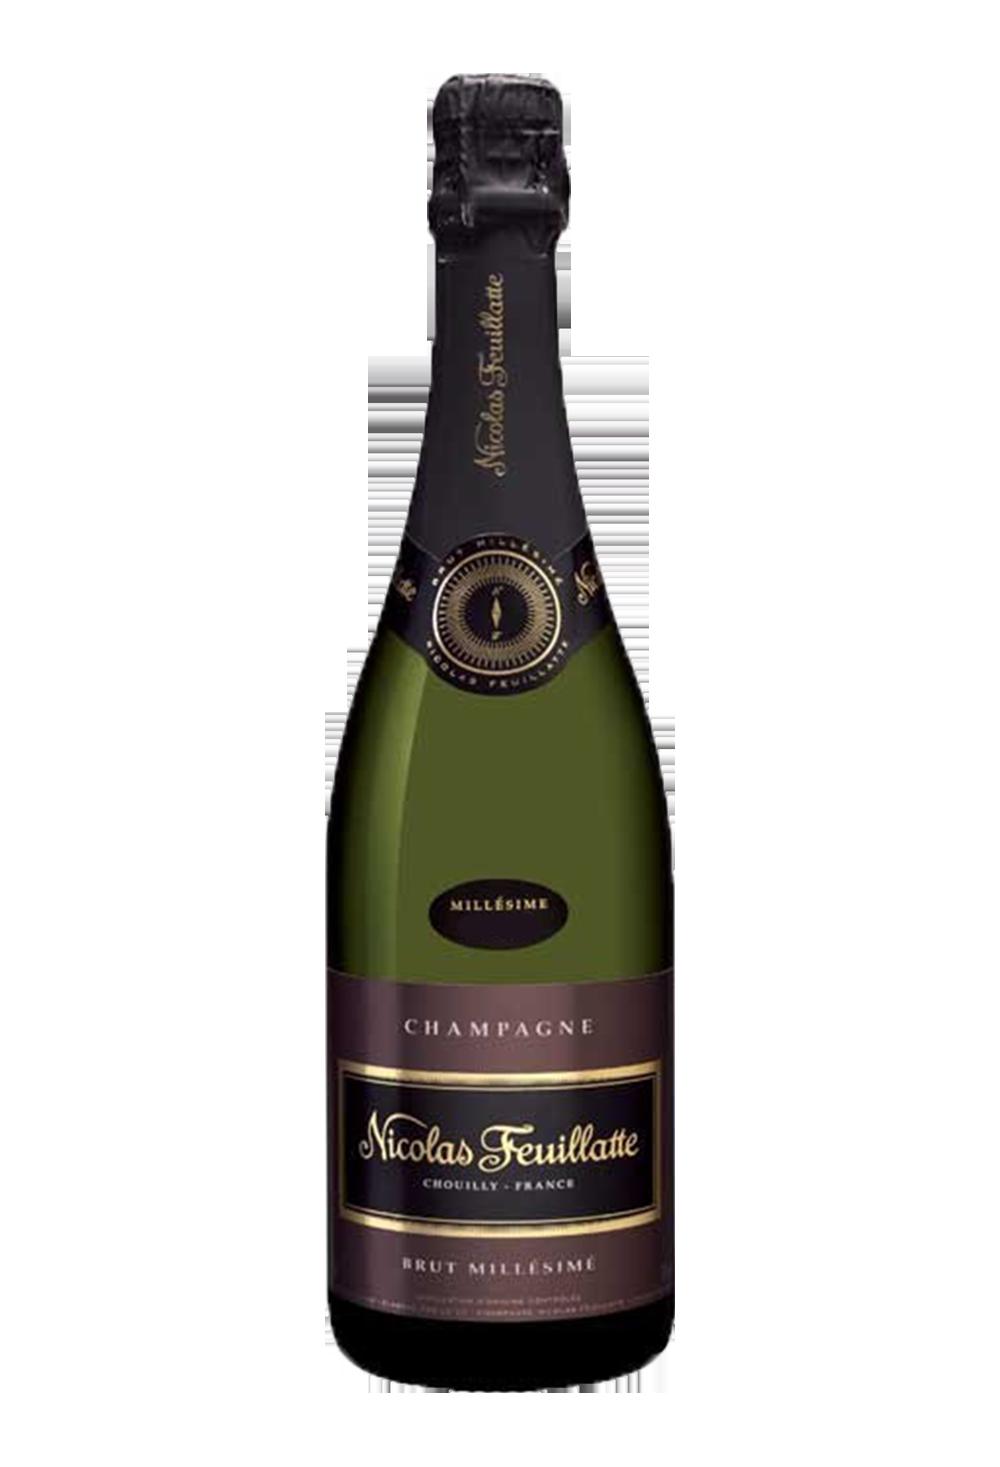 Champagne millésimé prix